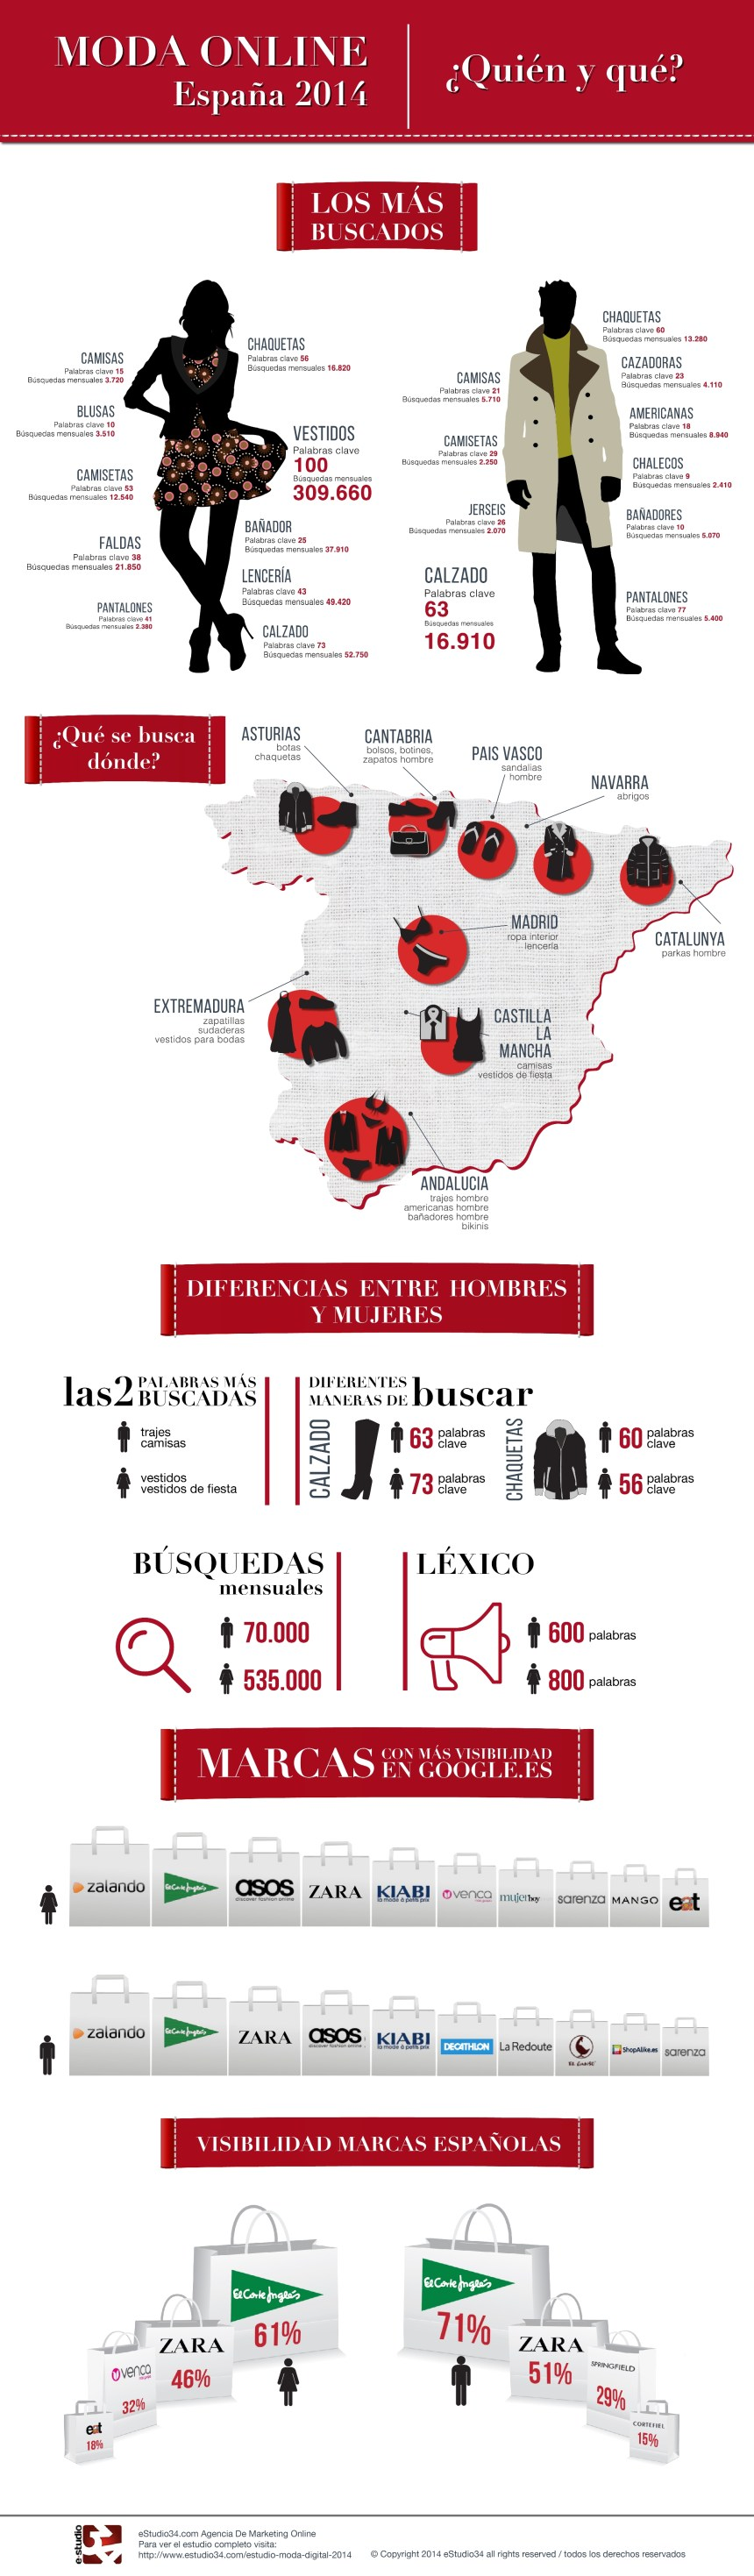 Mosa online en España: Quién y Qué